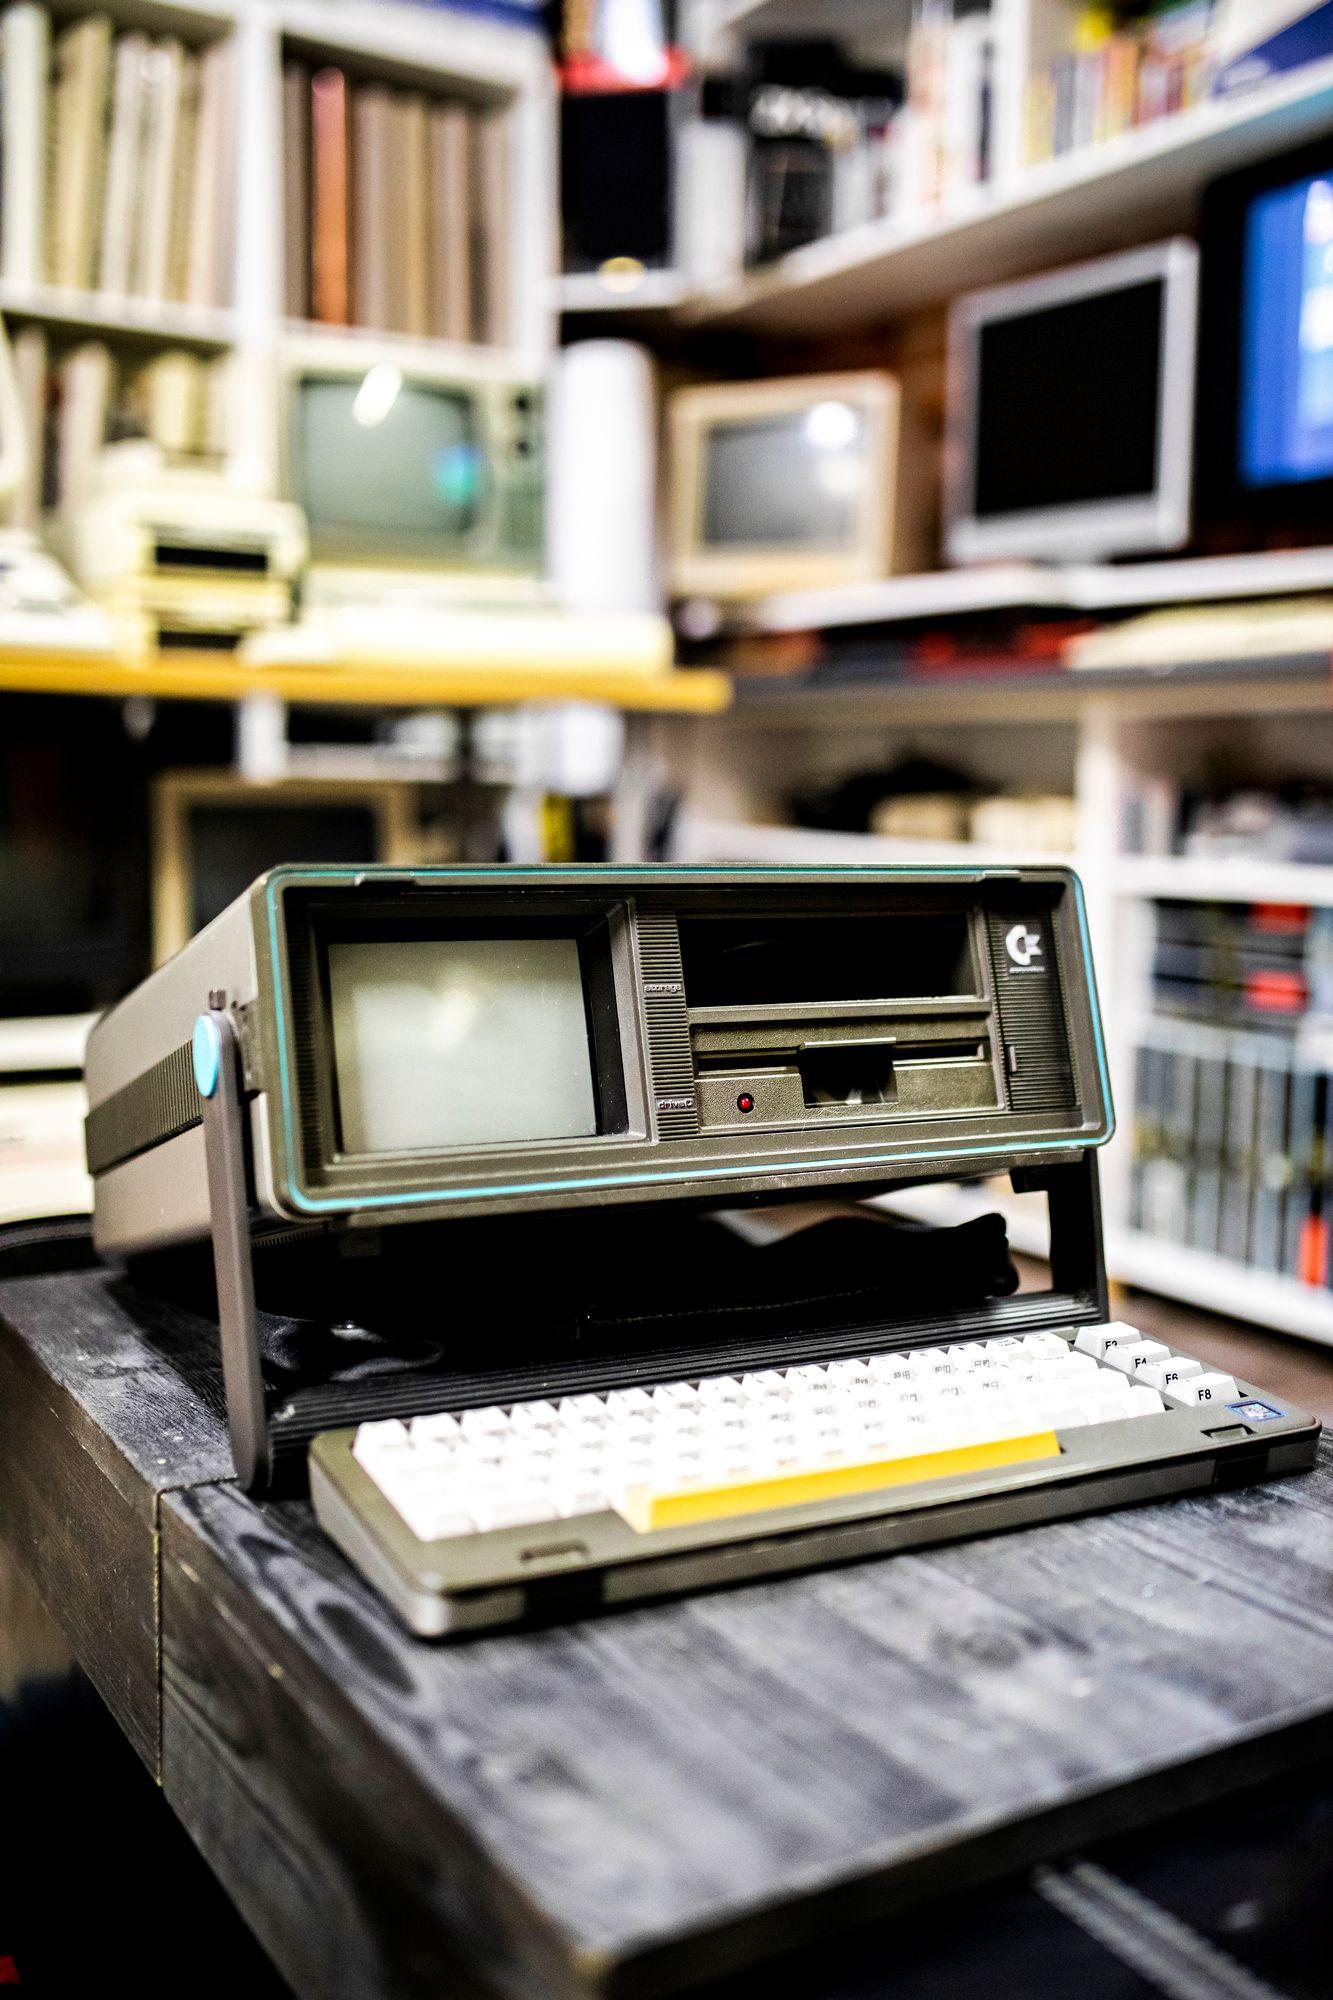 Noin 10 kiloa painava Commodore 64:n kannettava versio SX-64. © Krista Luoma